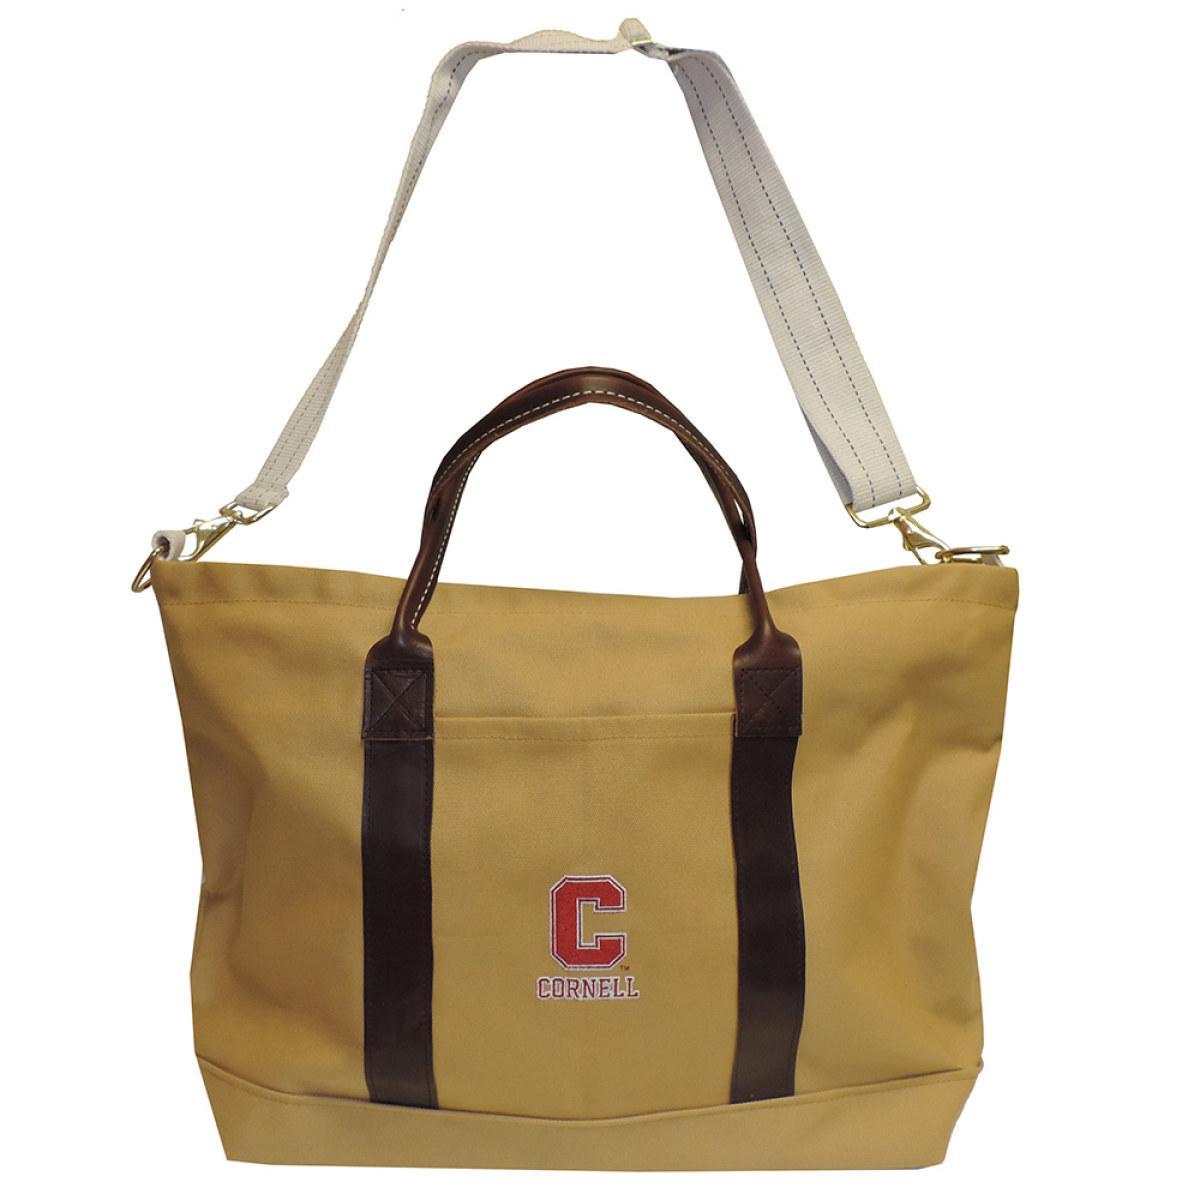 1c83c26c30 Khaki Canvas Tote Bag